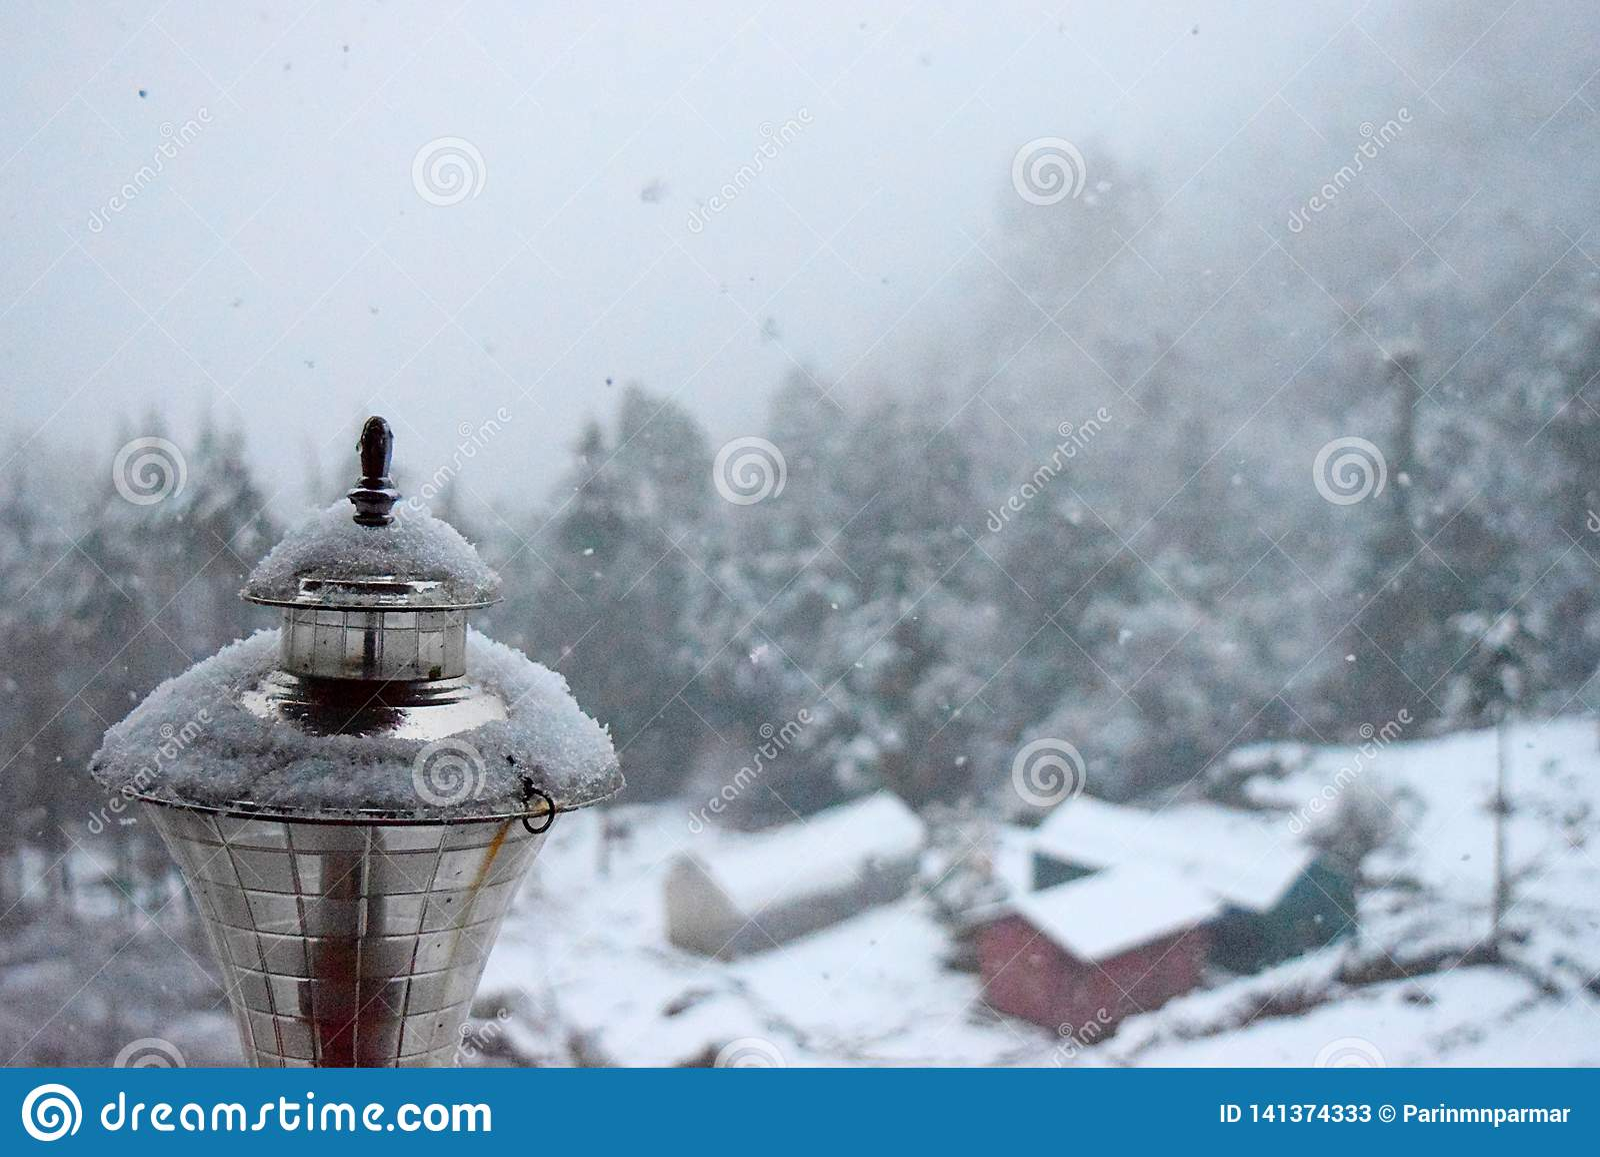 Kryształy śnieg nad Złotą lampą z Trwającym Śnieżnym spadkiem - Śnieżne cząsteczki w powietrzu